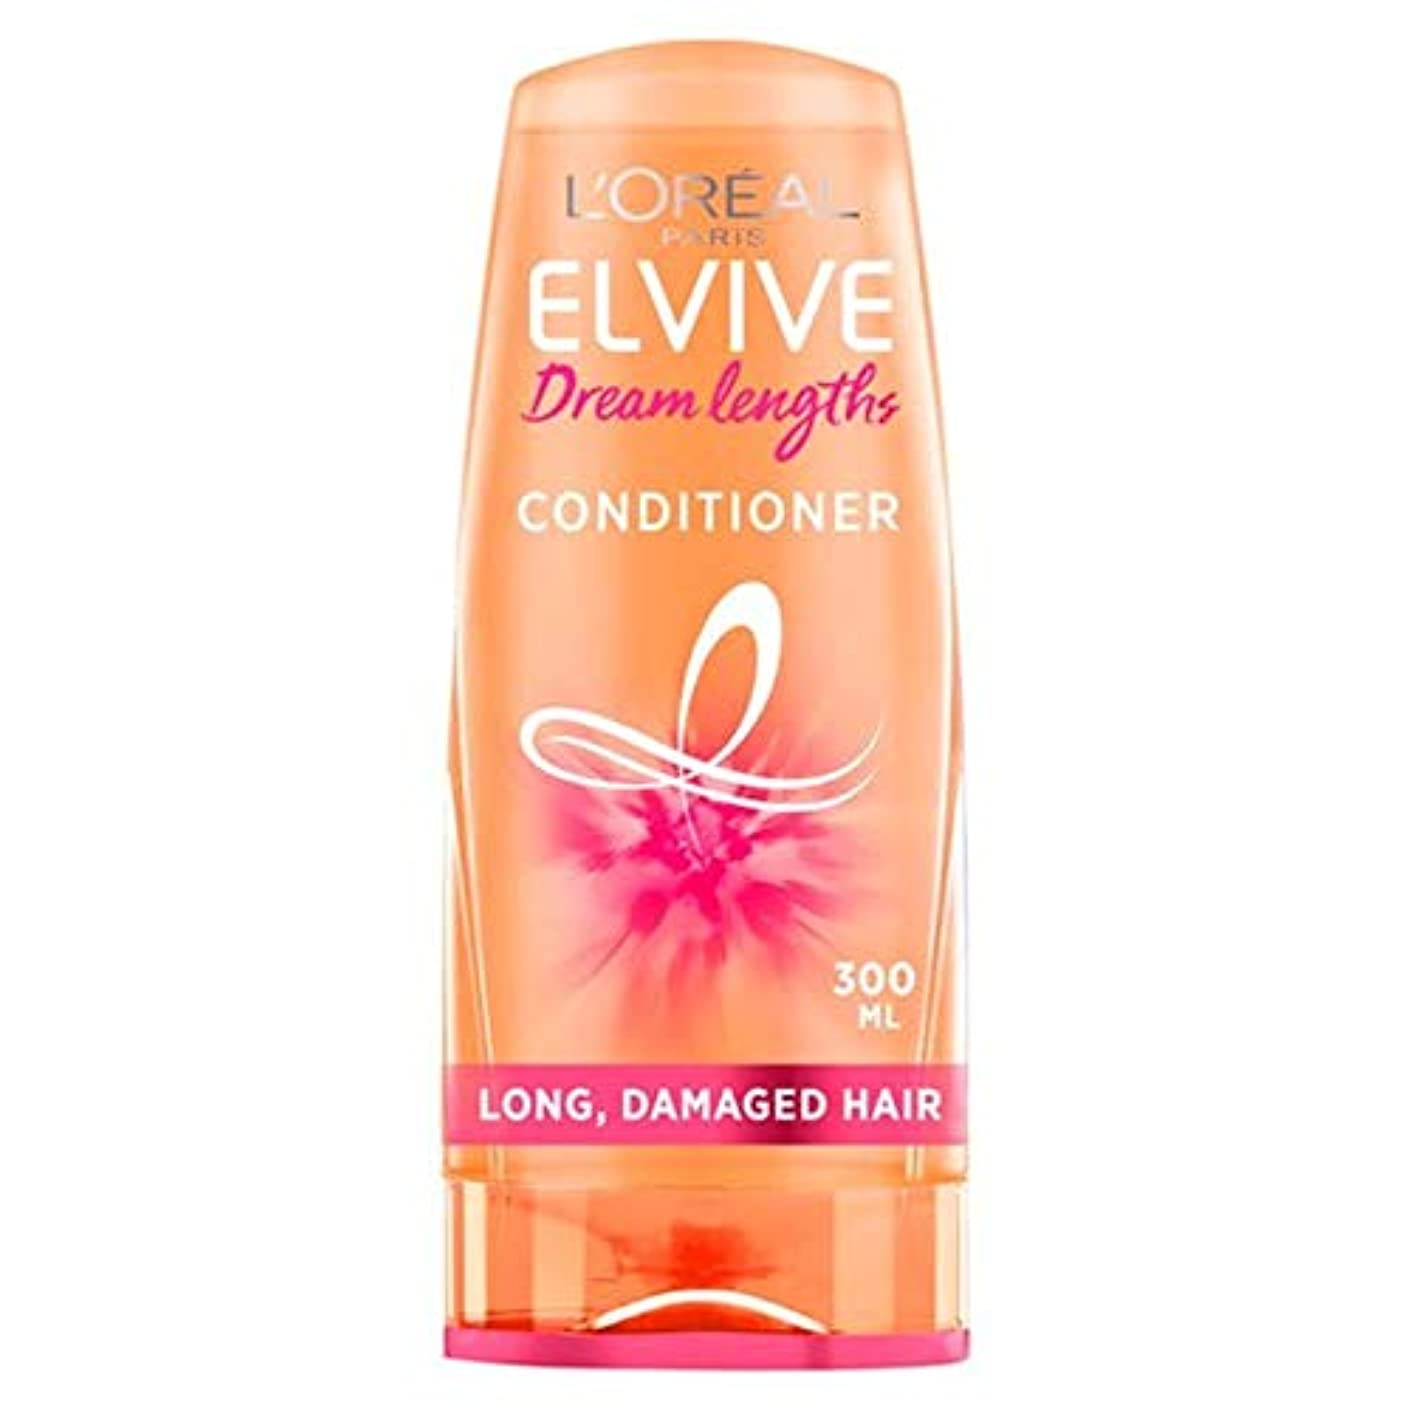 例示する指導するユーモラス[Elvive] ロレアルはElvive長ヘアコンディショナー300ミリリットルの夢 - L'oreal Elvive Dream Lengths Hair Conditioner 300Ml [並行輸入品]